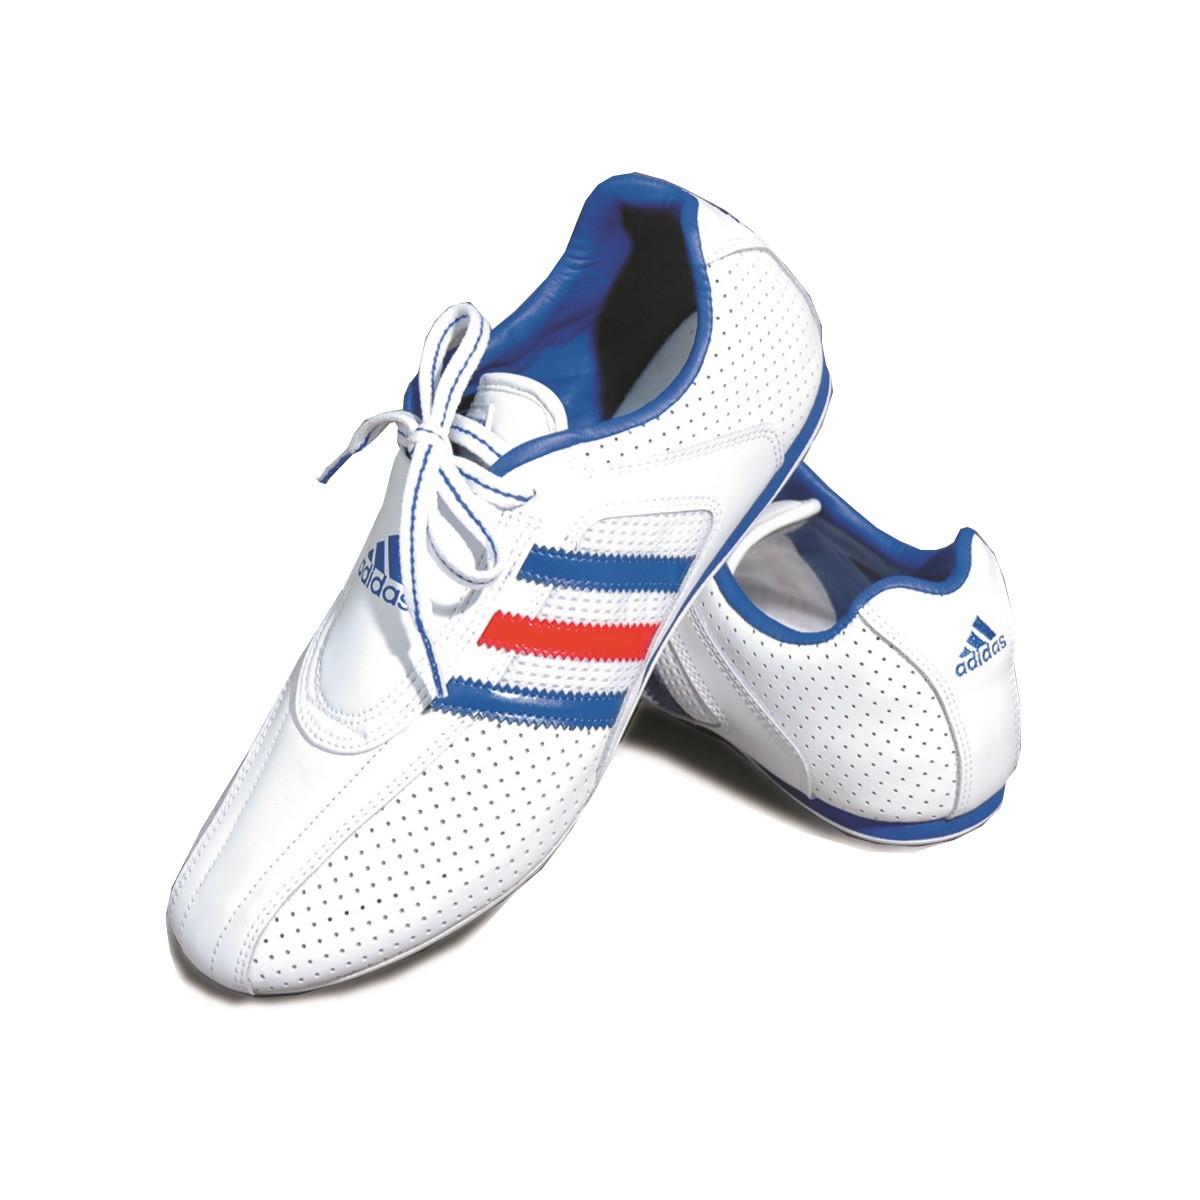 05a8832b581 Adidas Aqua Martial Arts Shoes - Golden Tiger Martial Art